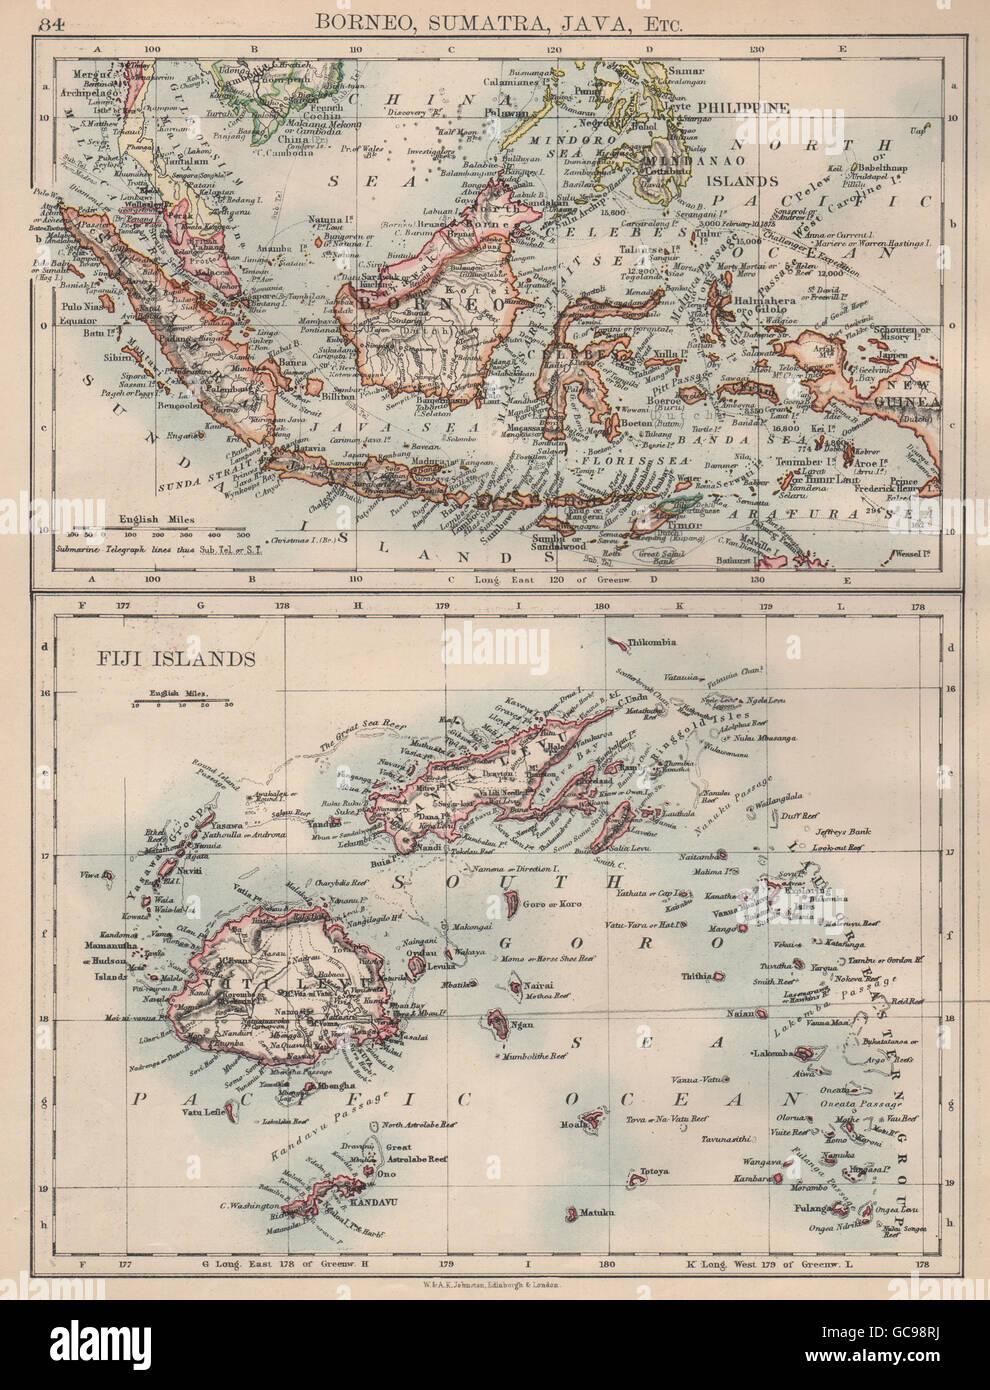 INDONESIA & FIJI  Sunda Islands Borneo Java Sumatra  Viti/Vanua Levu